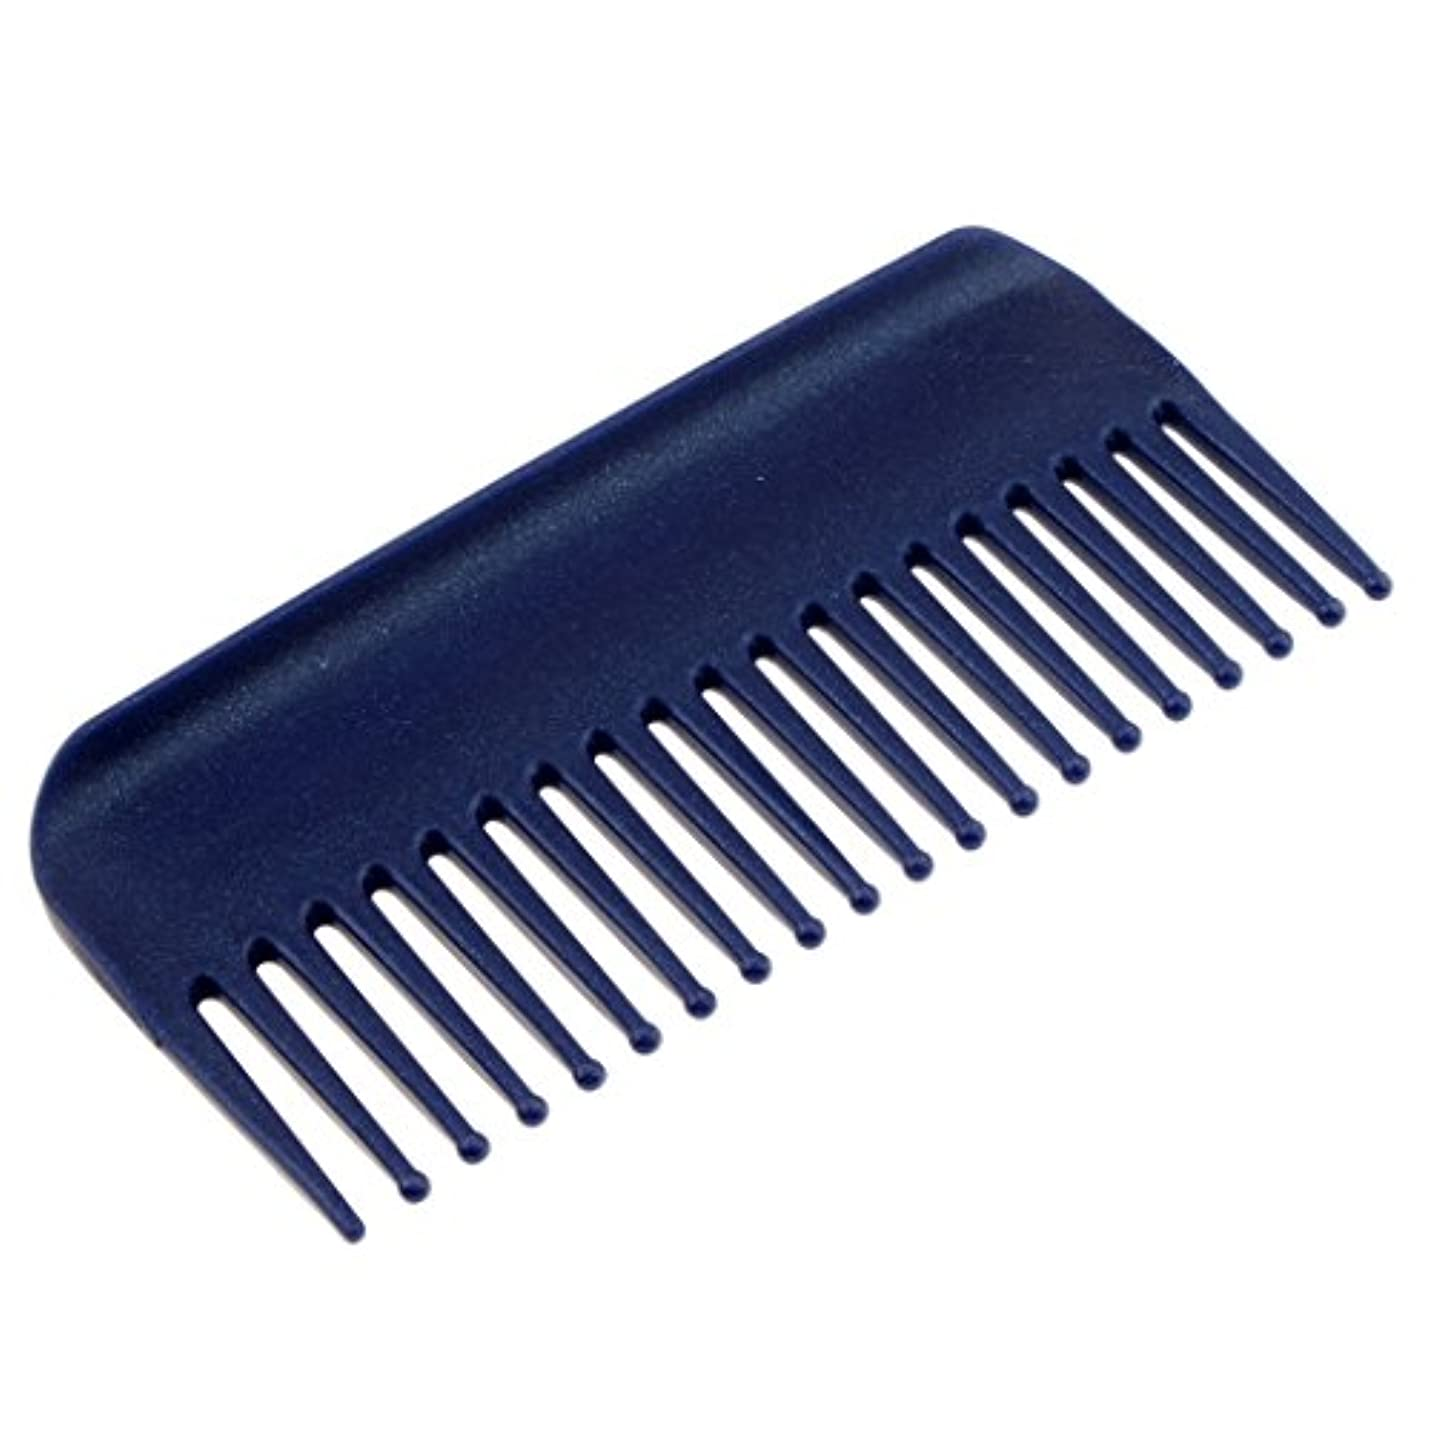 バイソン肥満傾いたFenteer ヘアコーム サロン ヘアケア 脱毛ヘアコーム ヘアブラシ 耐熱性 帯電防止 頭皮 マッサージ 丸いヘッド 4色選べる - 青